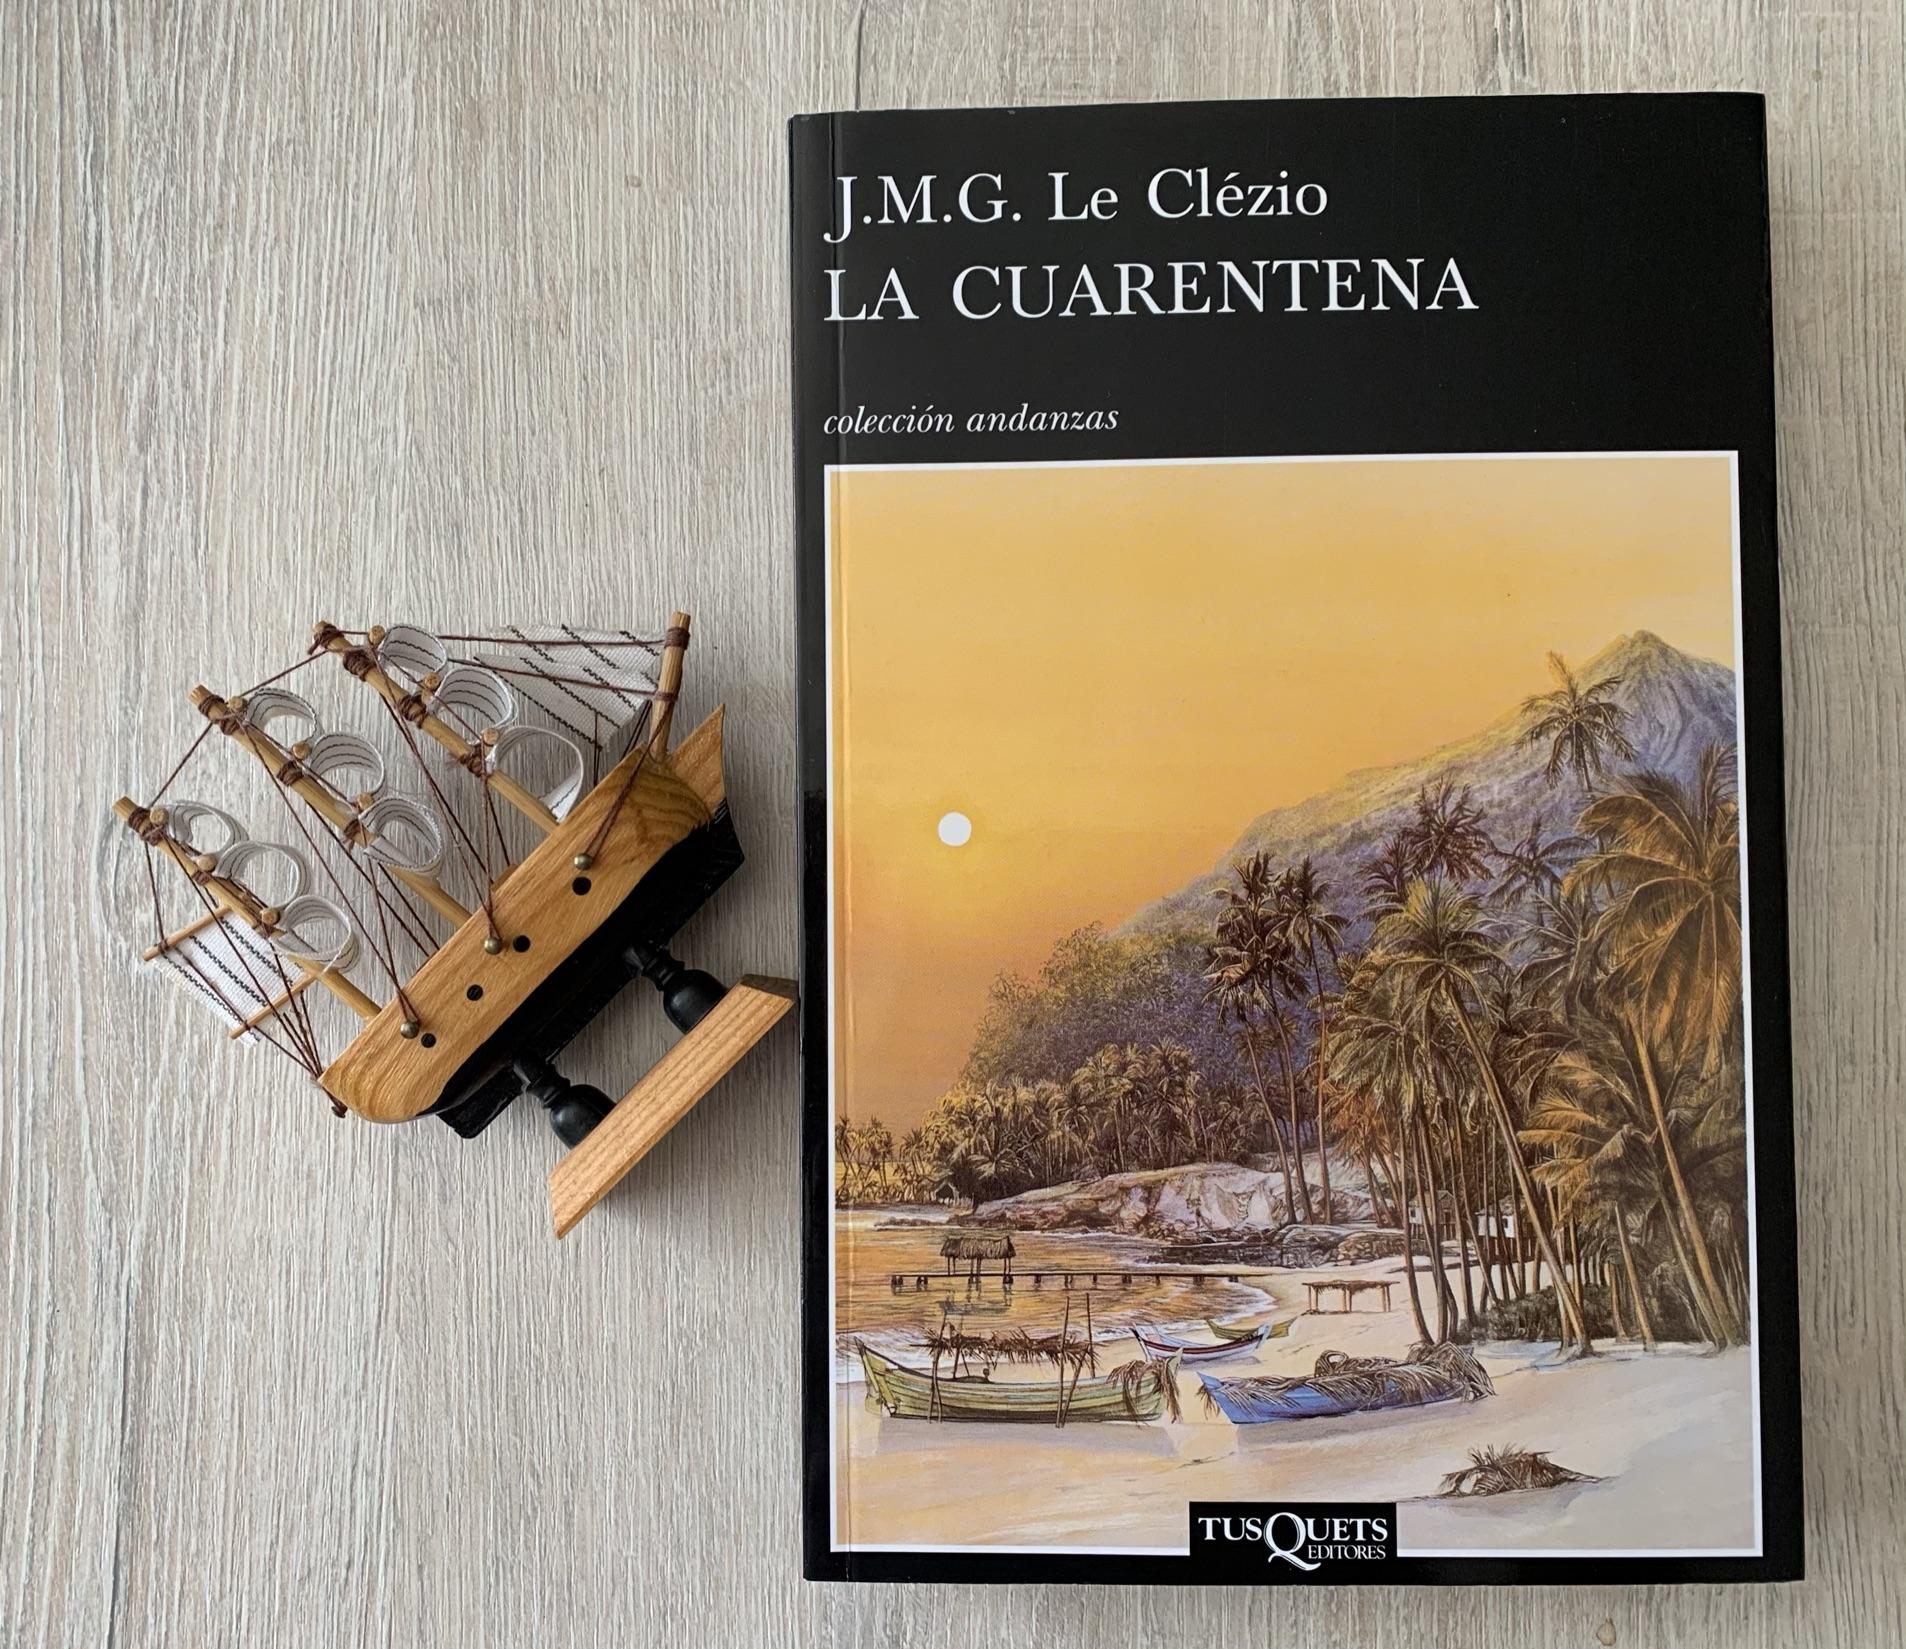 Libro La cuarentena de J.M.G. Le Clezio